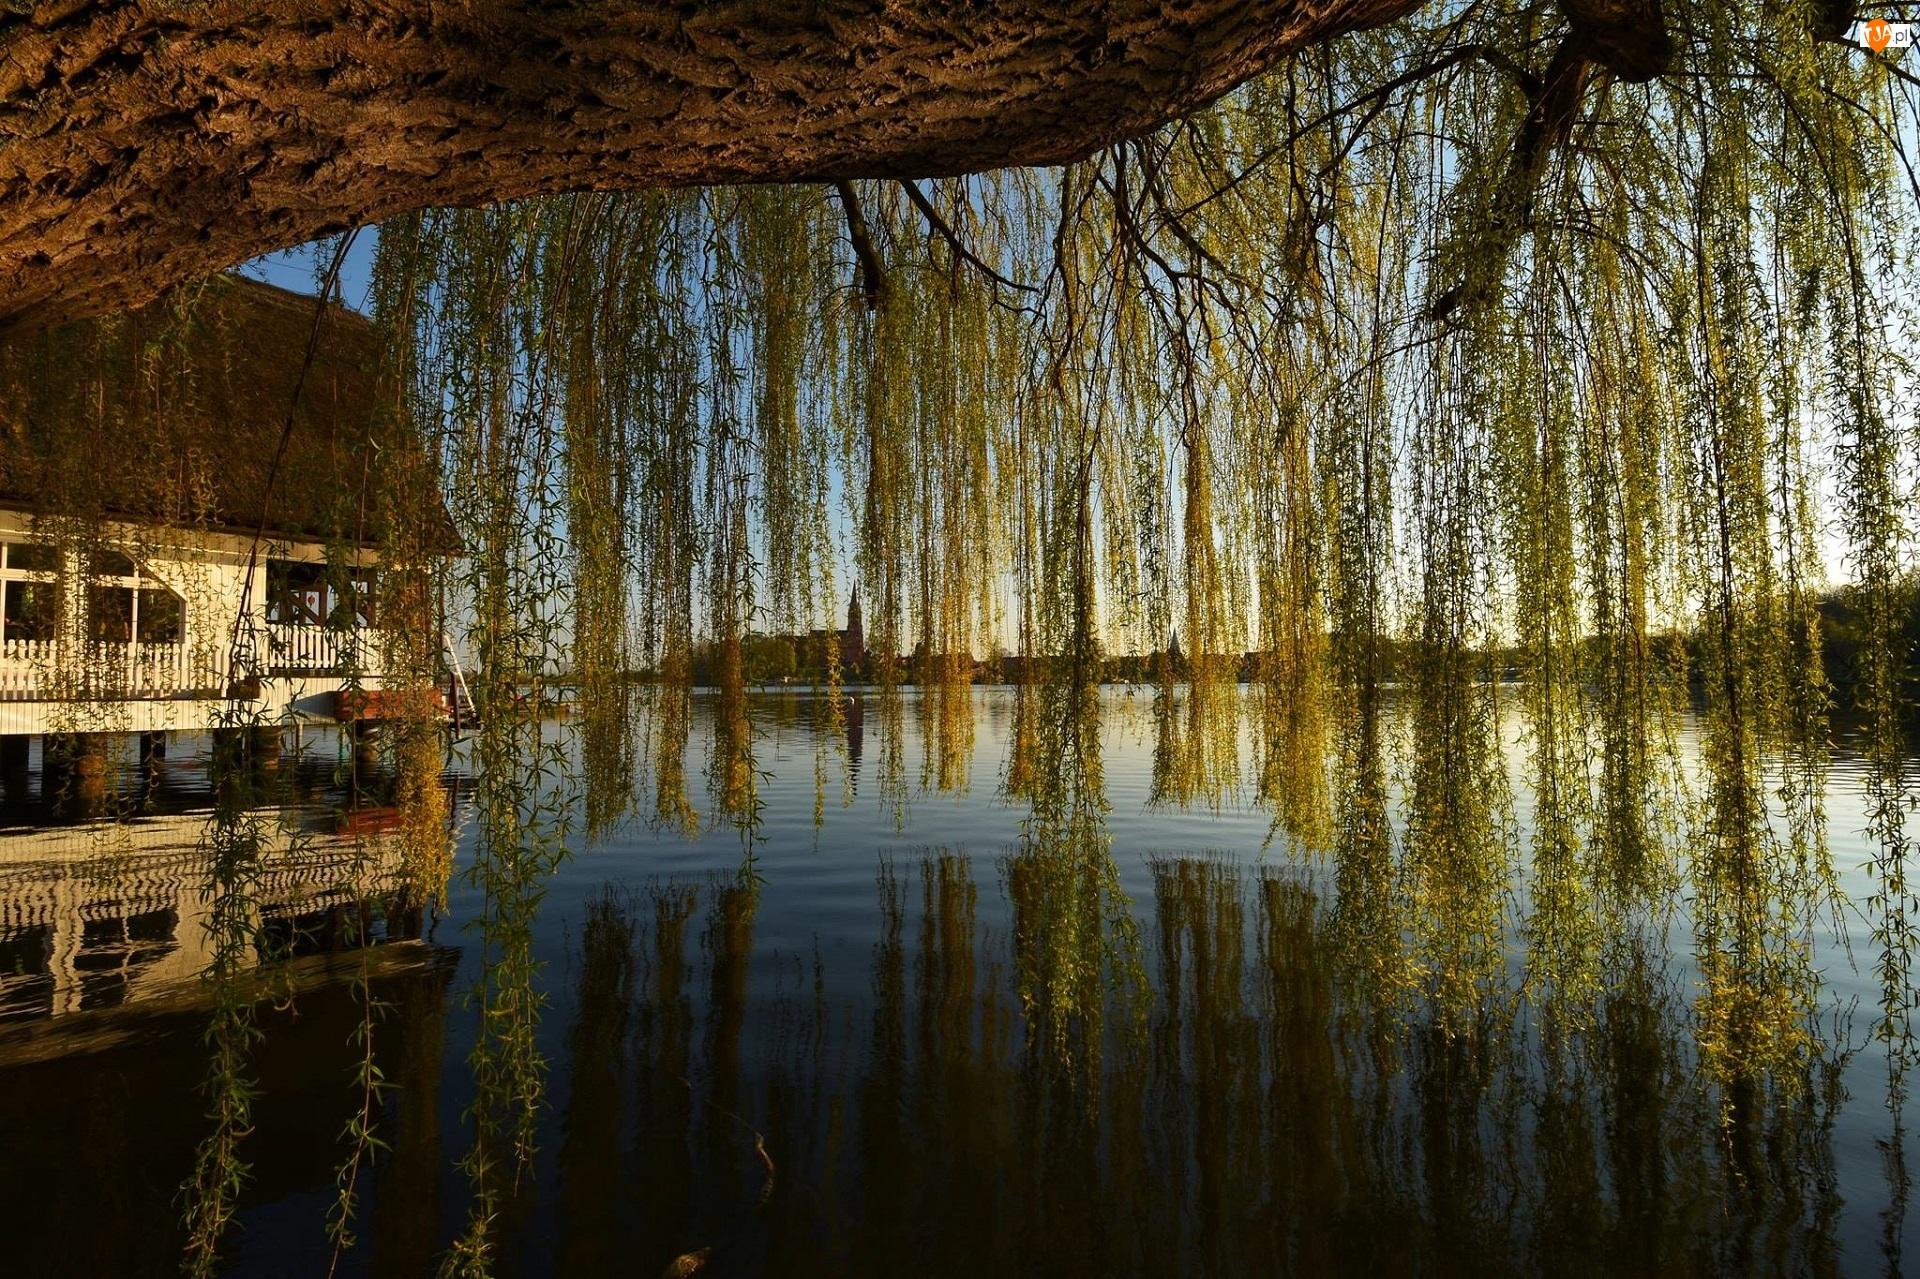 Dom, Jezioro, Drzewo, Wierzba